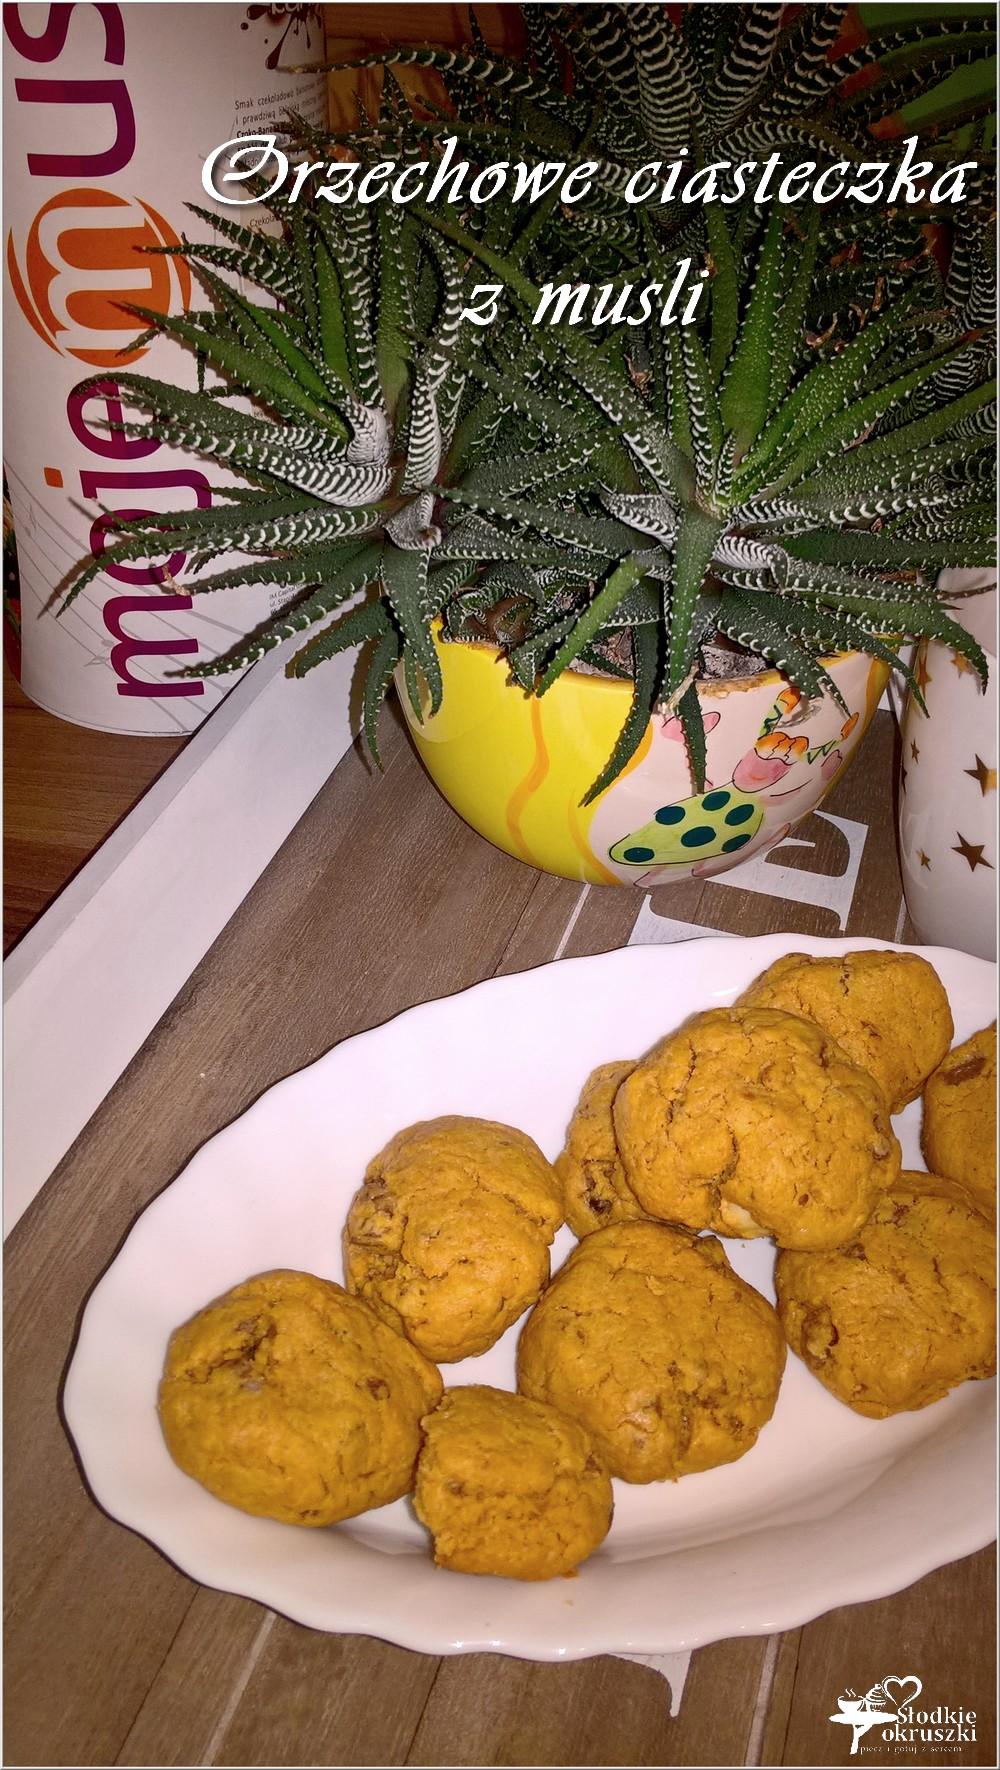 Orzechowe ciasteczka z musli (szybkie) (2)